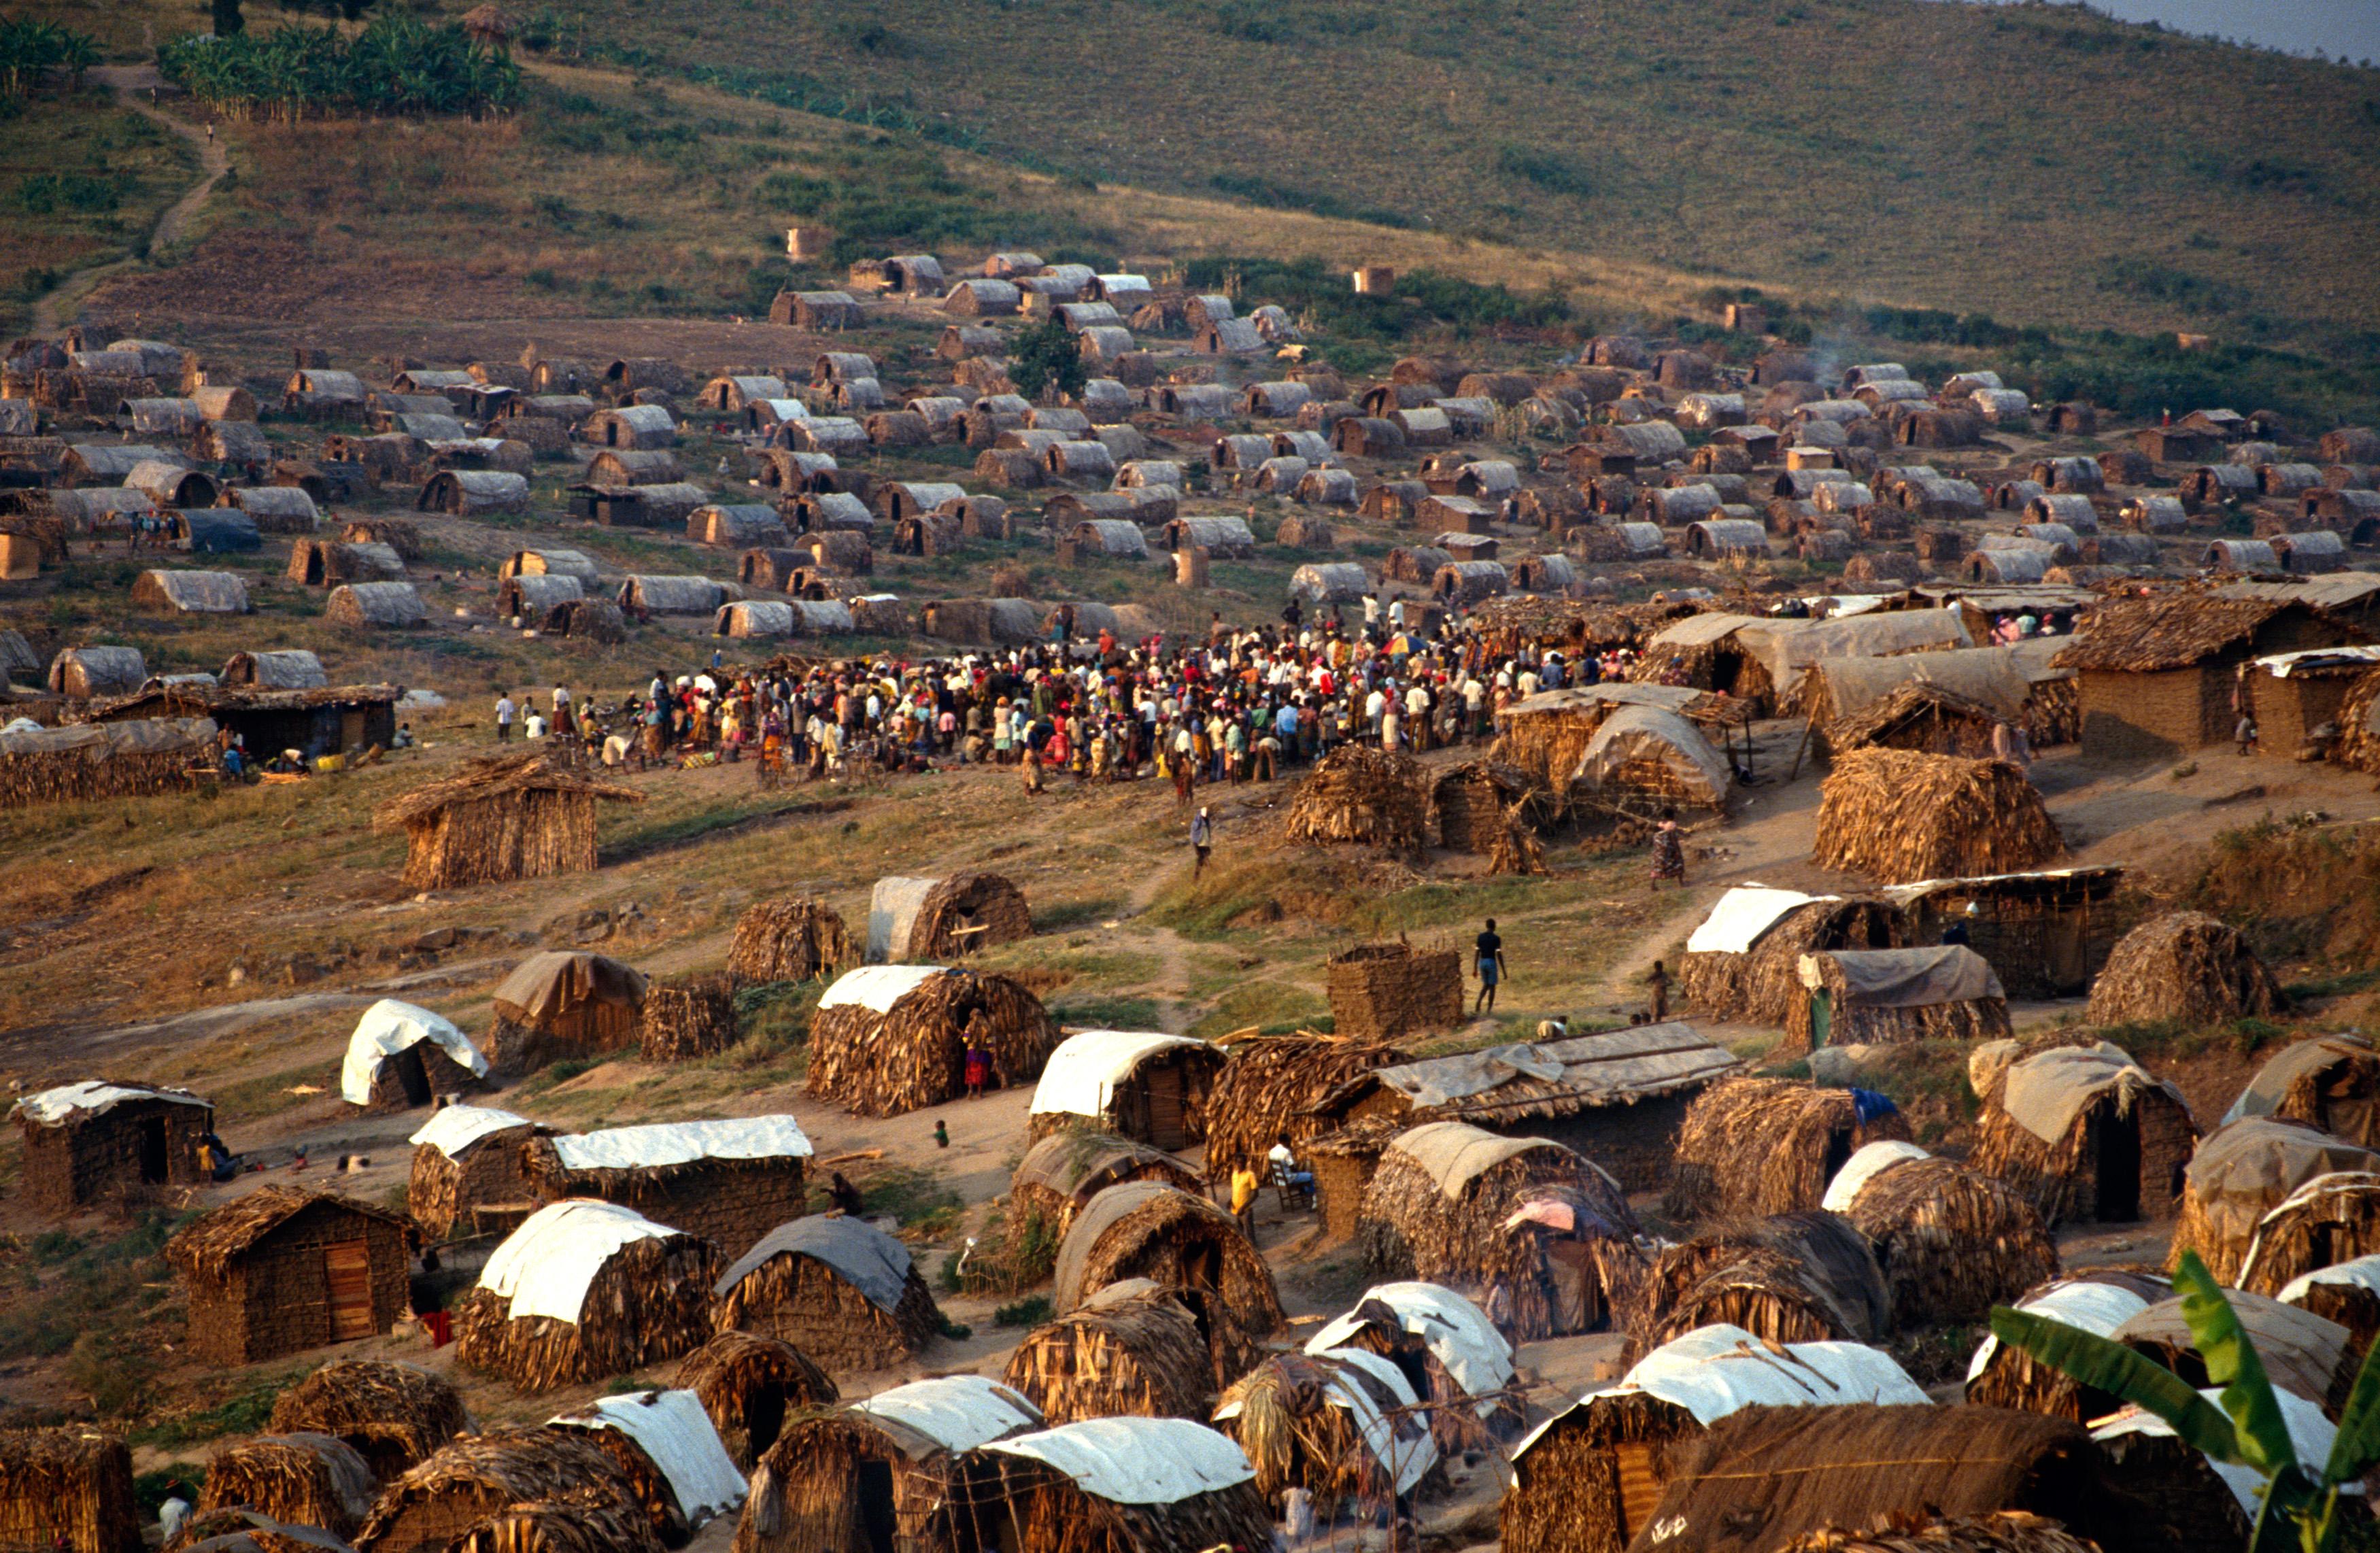 Kidudu. Camp de personnes déplacées. Kidudu. Internally displaced persons camp. Les huttes exiguës affectent l'état de santé des déplacés.